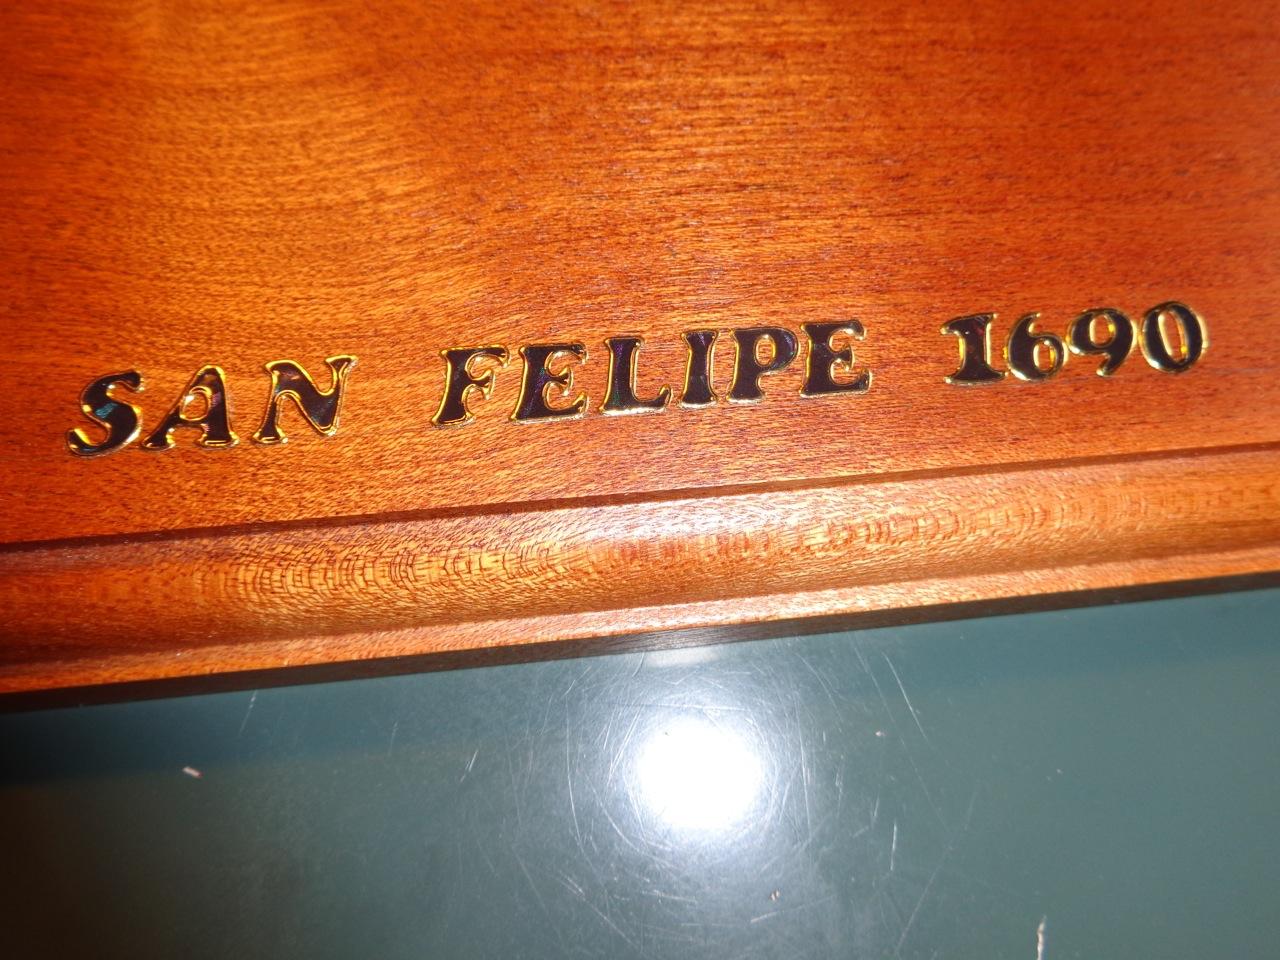 San Felipe 1690 XI